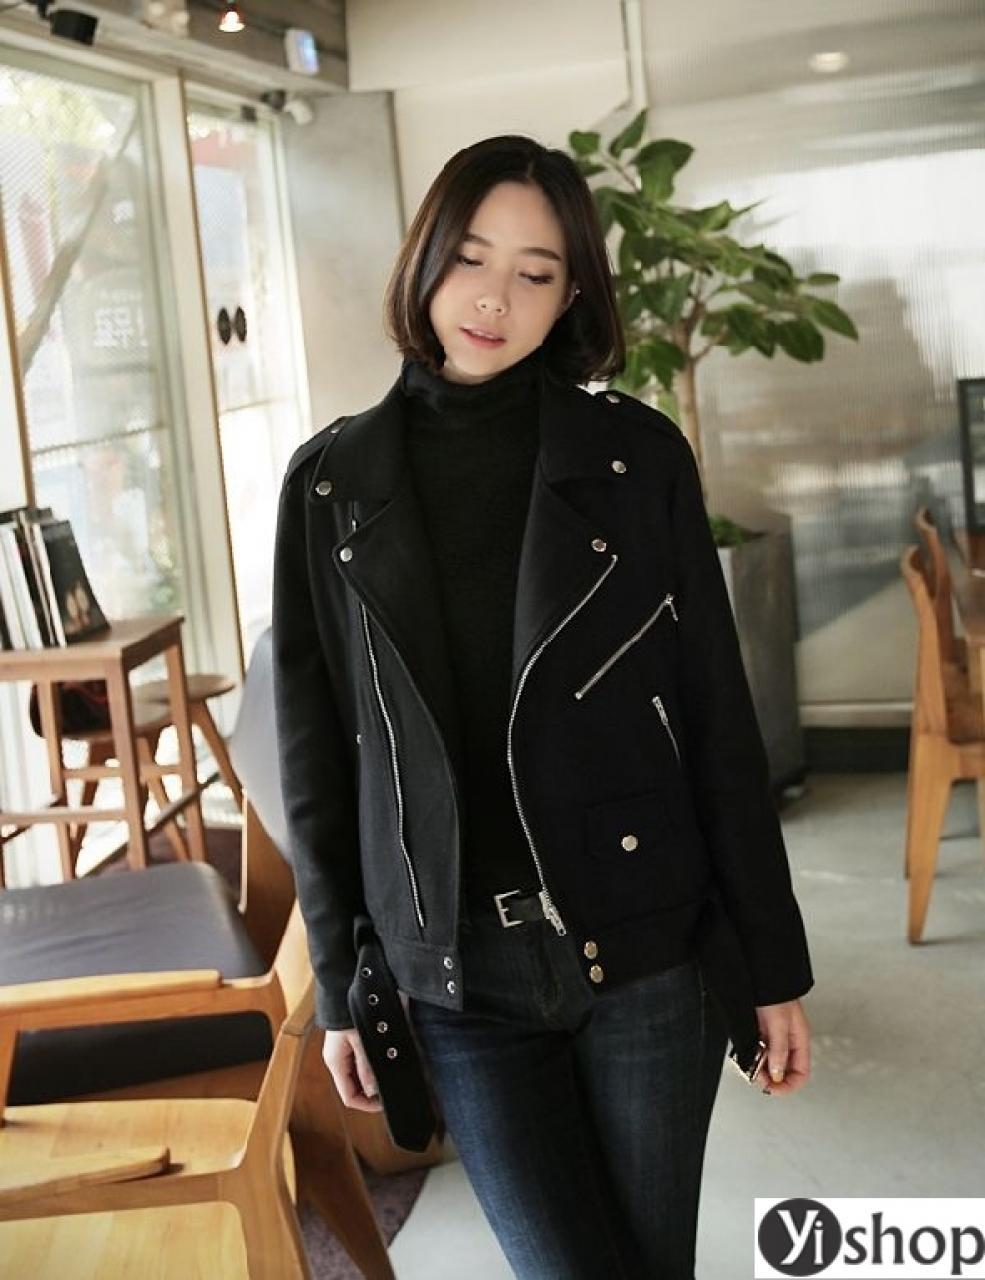 Áo khoác nữ Hàn Quốc đẹp nhất thu đông 2021 - 2022 ấm áp không lạnh